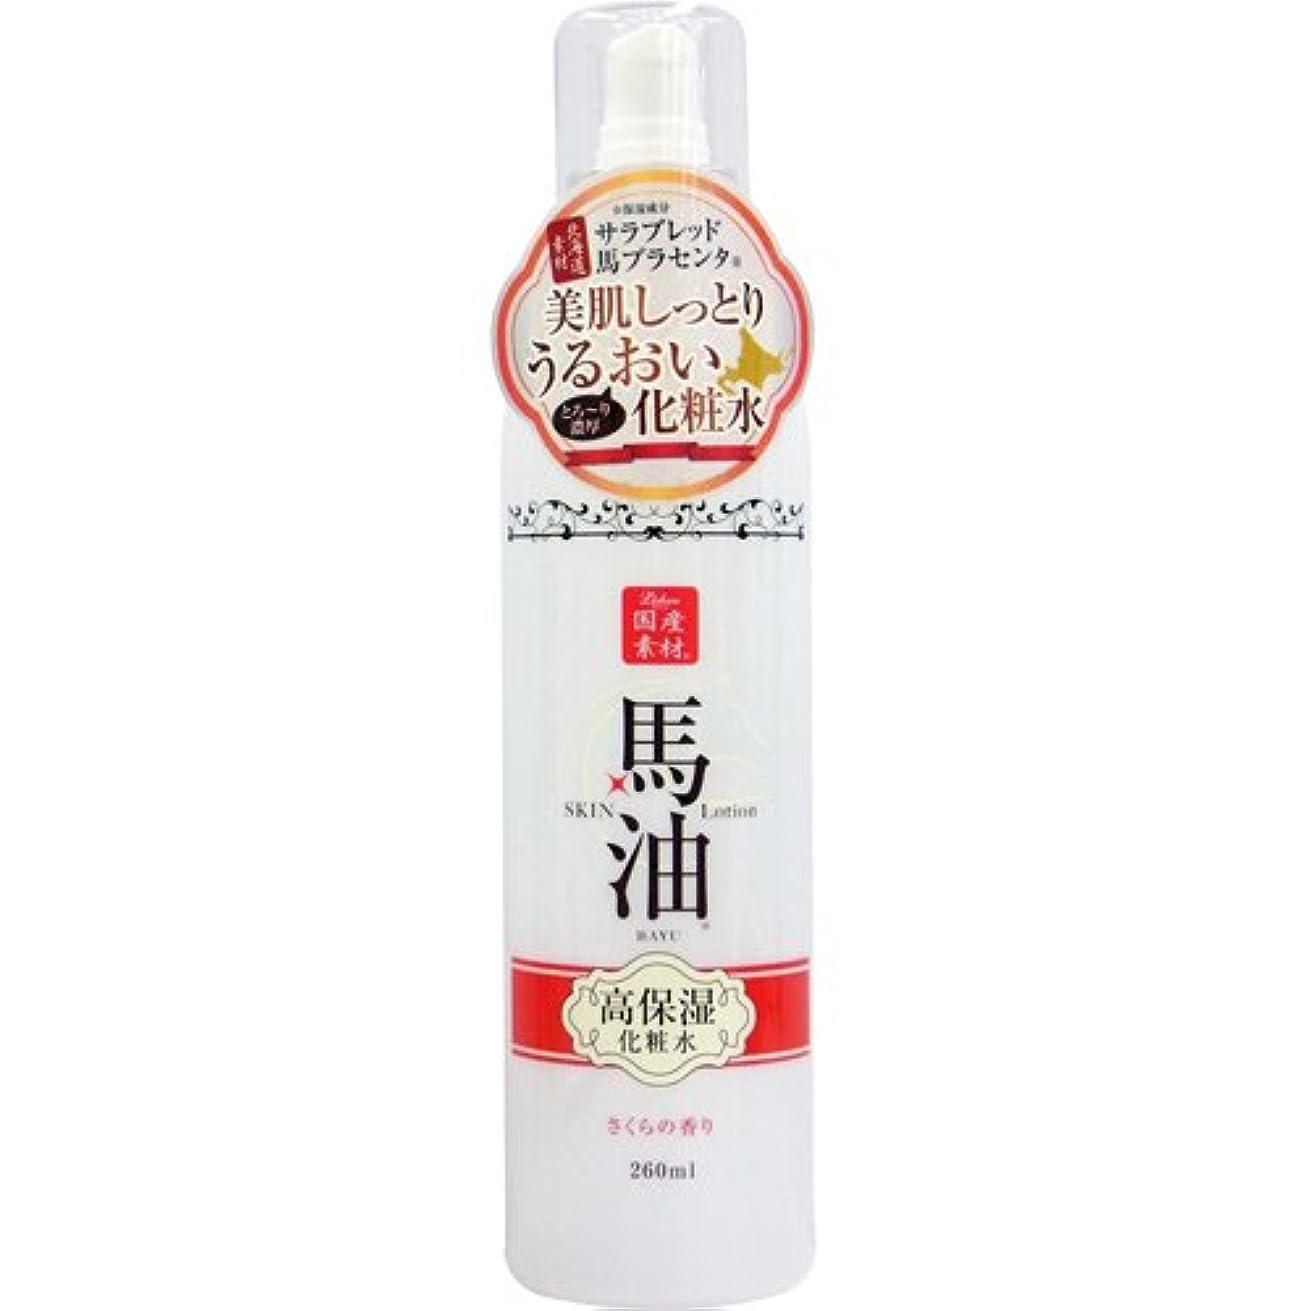 ハッチベスビオ山手荷物リシャン 馬油化粧水 (さくらの香り) (260mL)